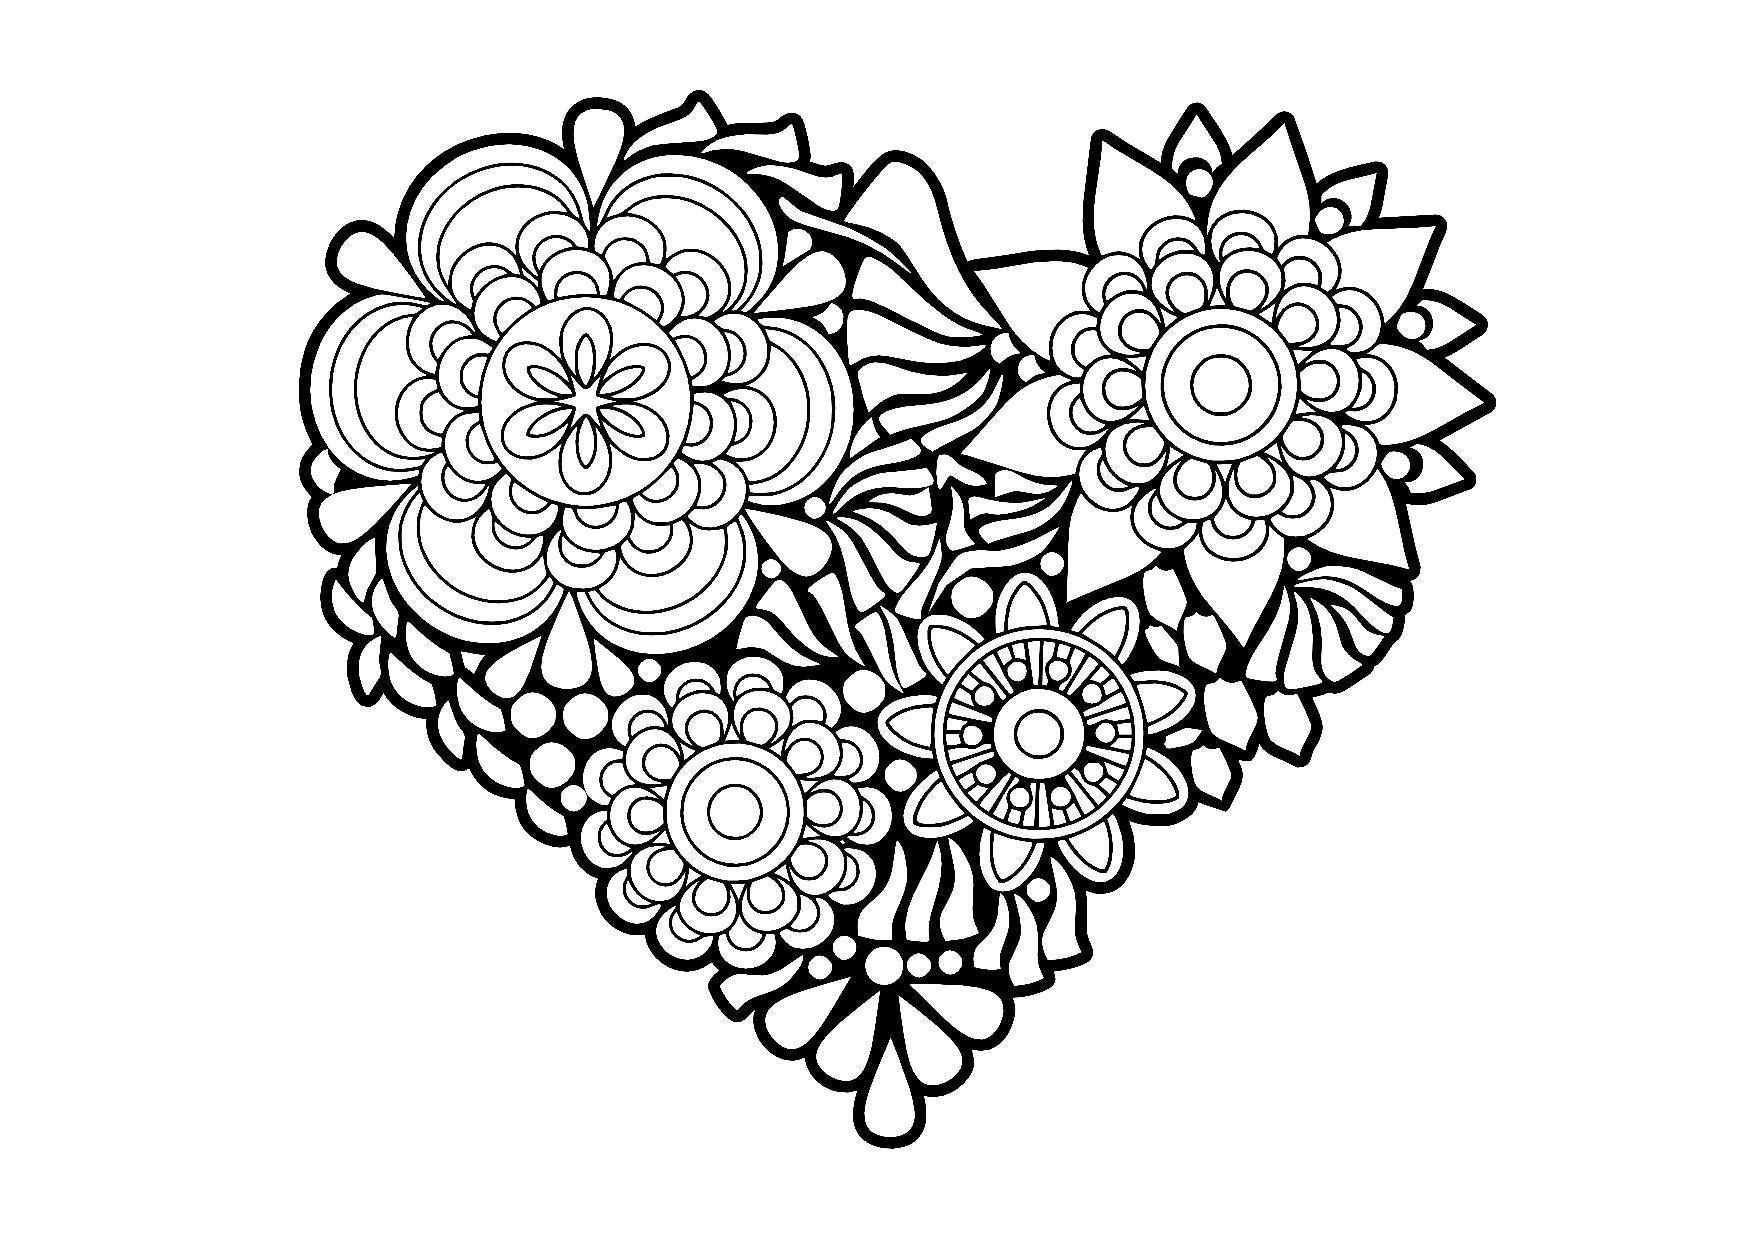 Silhouette Plotter File Free Plotter Datei Kostenlos Plotter Freebie Herz Heart Doodles Doodle Plotter Kostenlos Herz Vorlage Silhouette Cameo Kostenlos